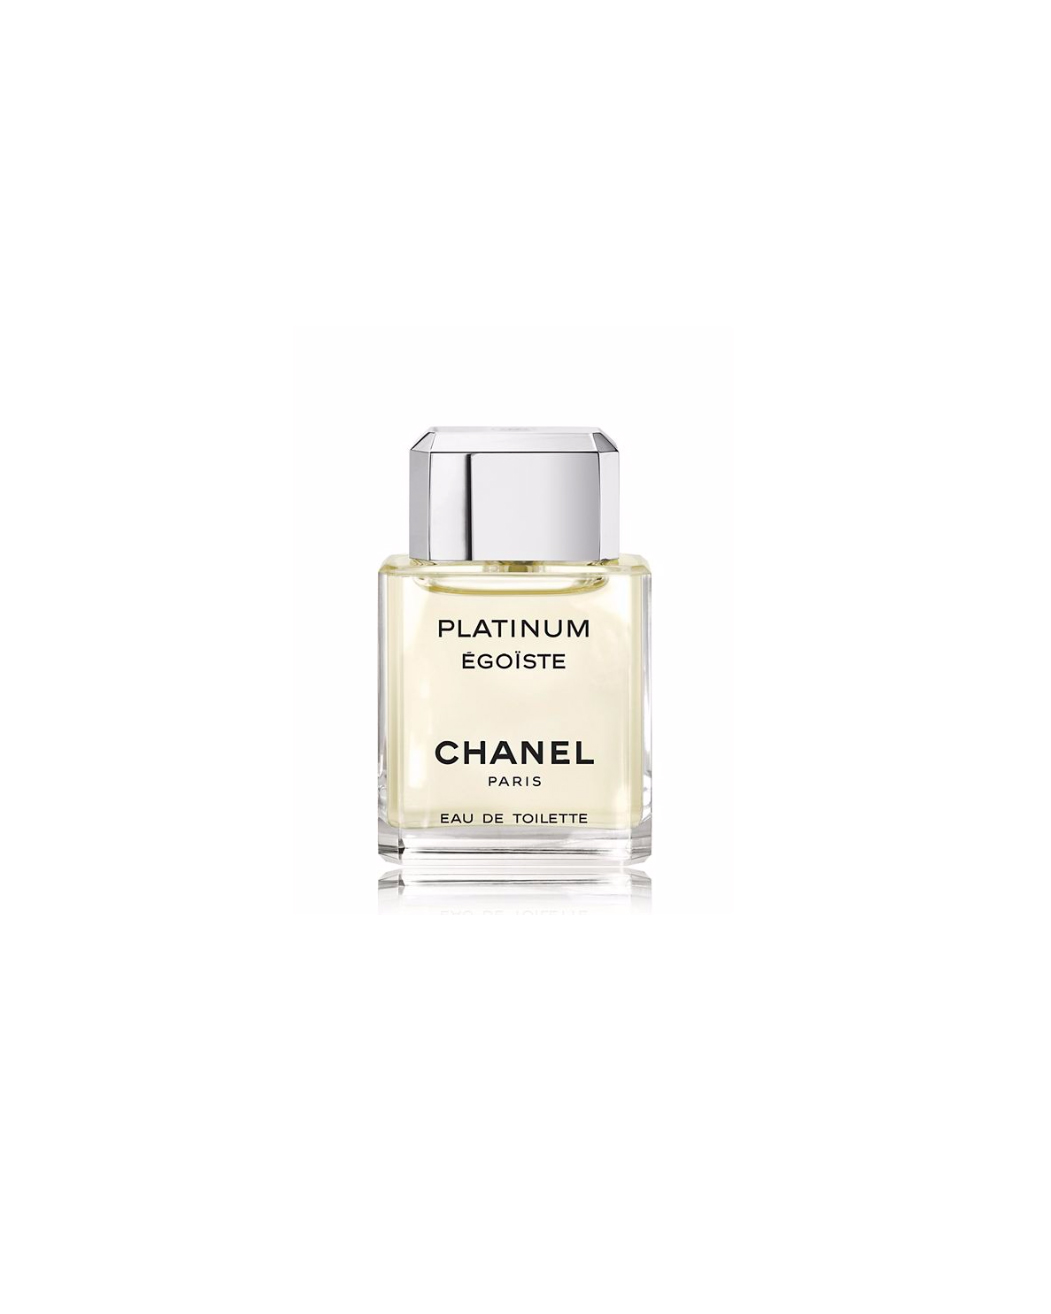 platinum anniversary gifts platinum egoiste eau de toilette chanel